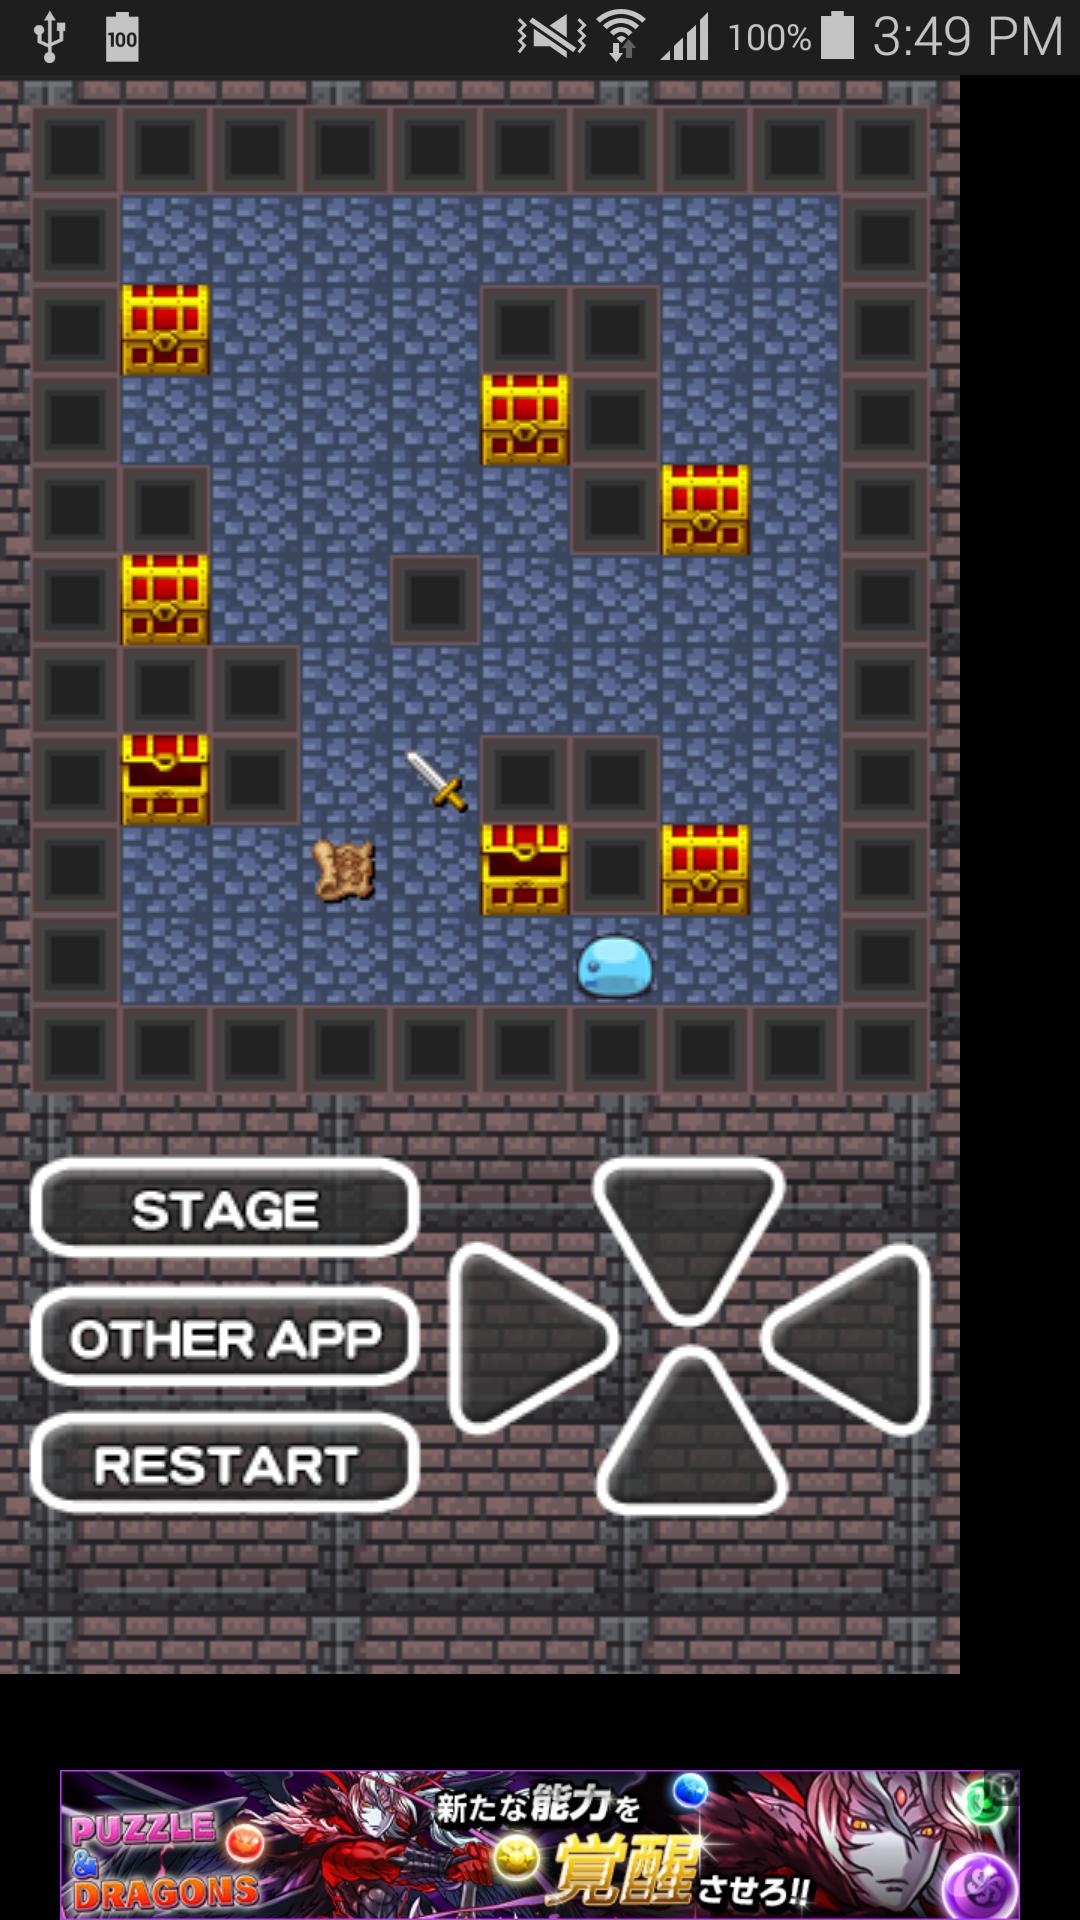 魔王城の倉庫整理 androidアプリスクリーンショット1